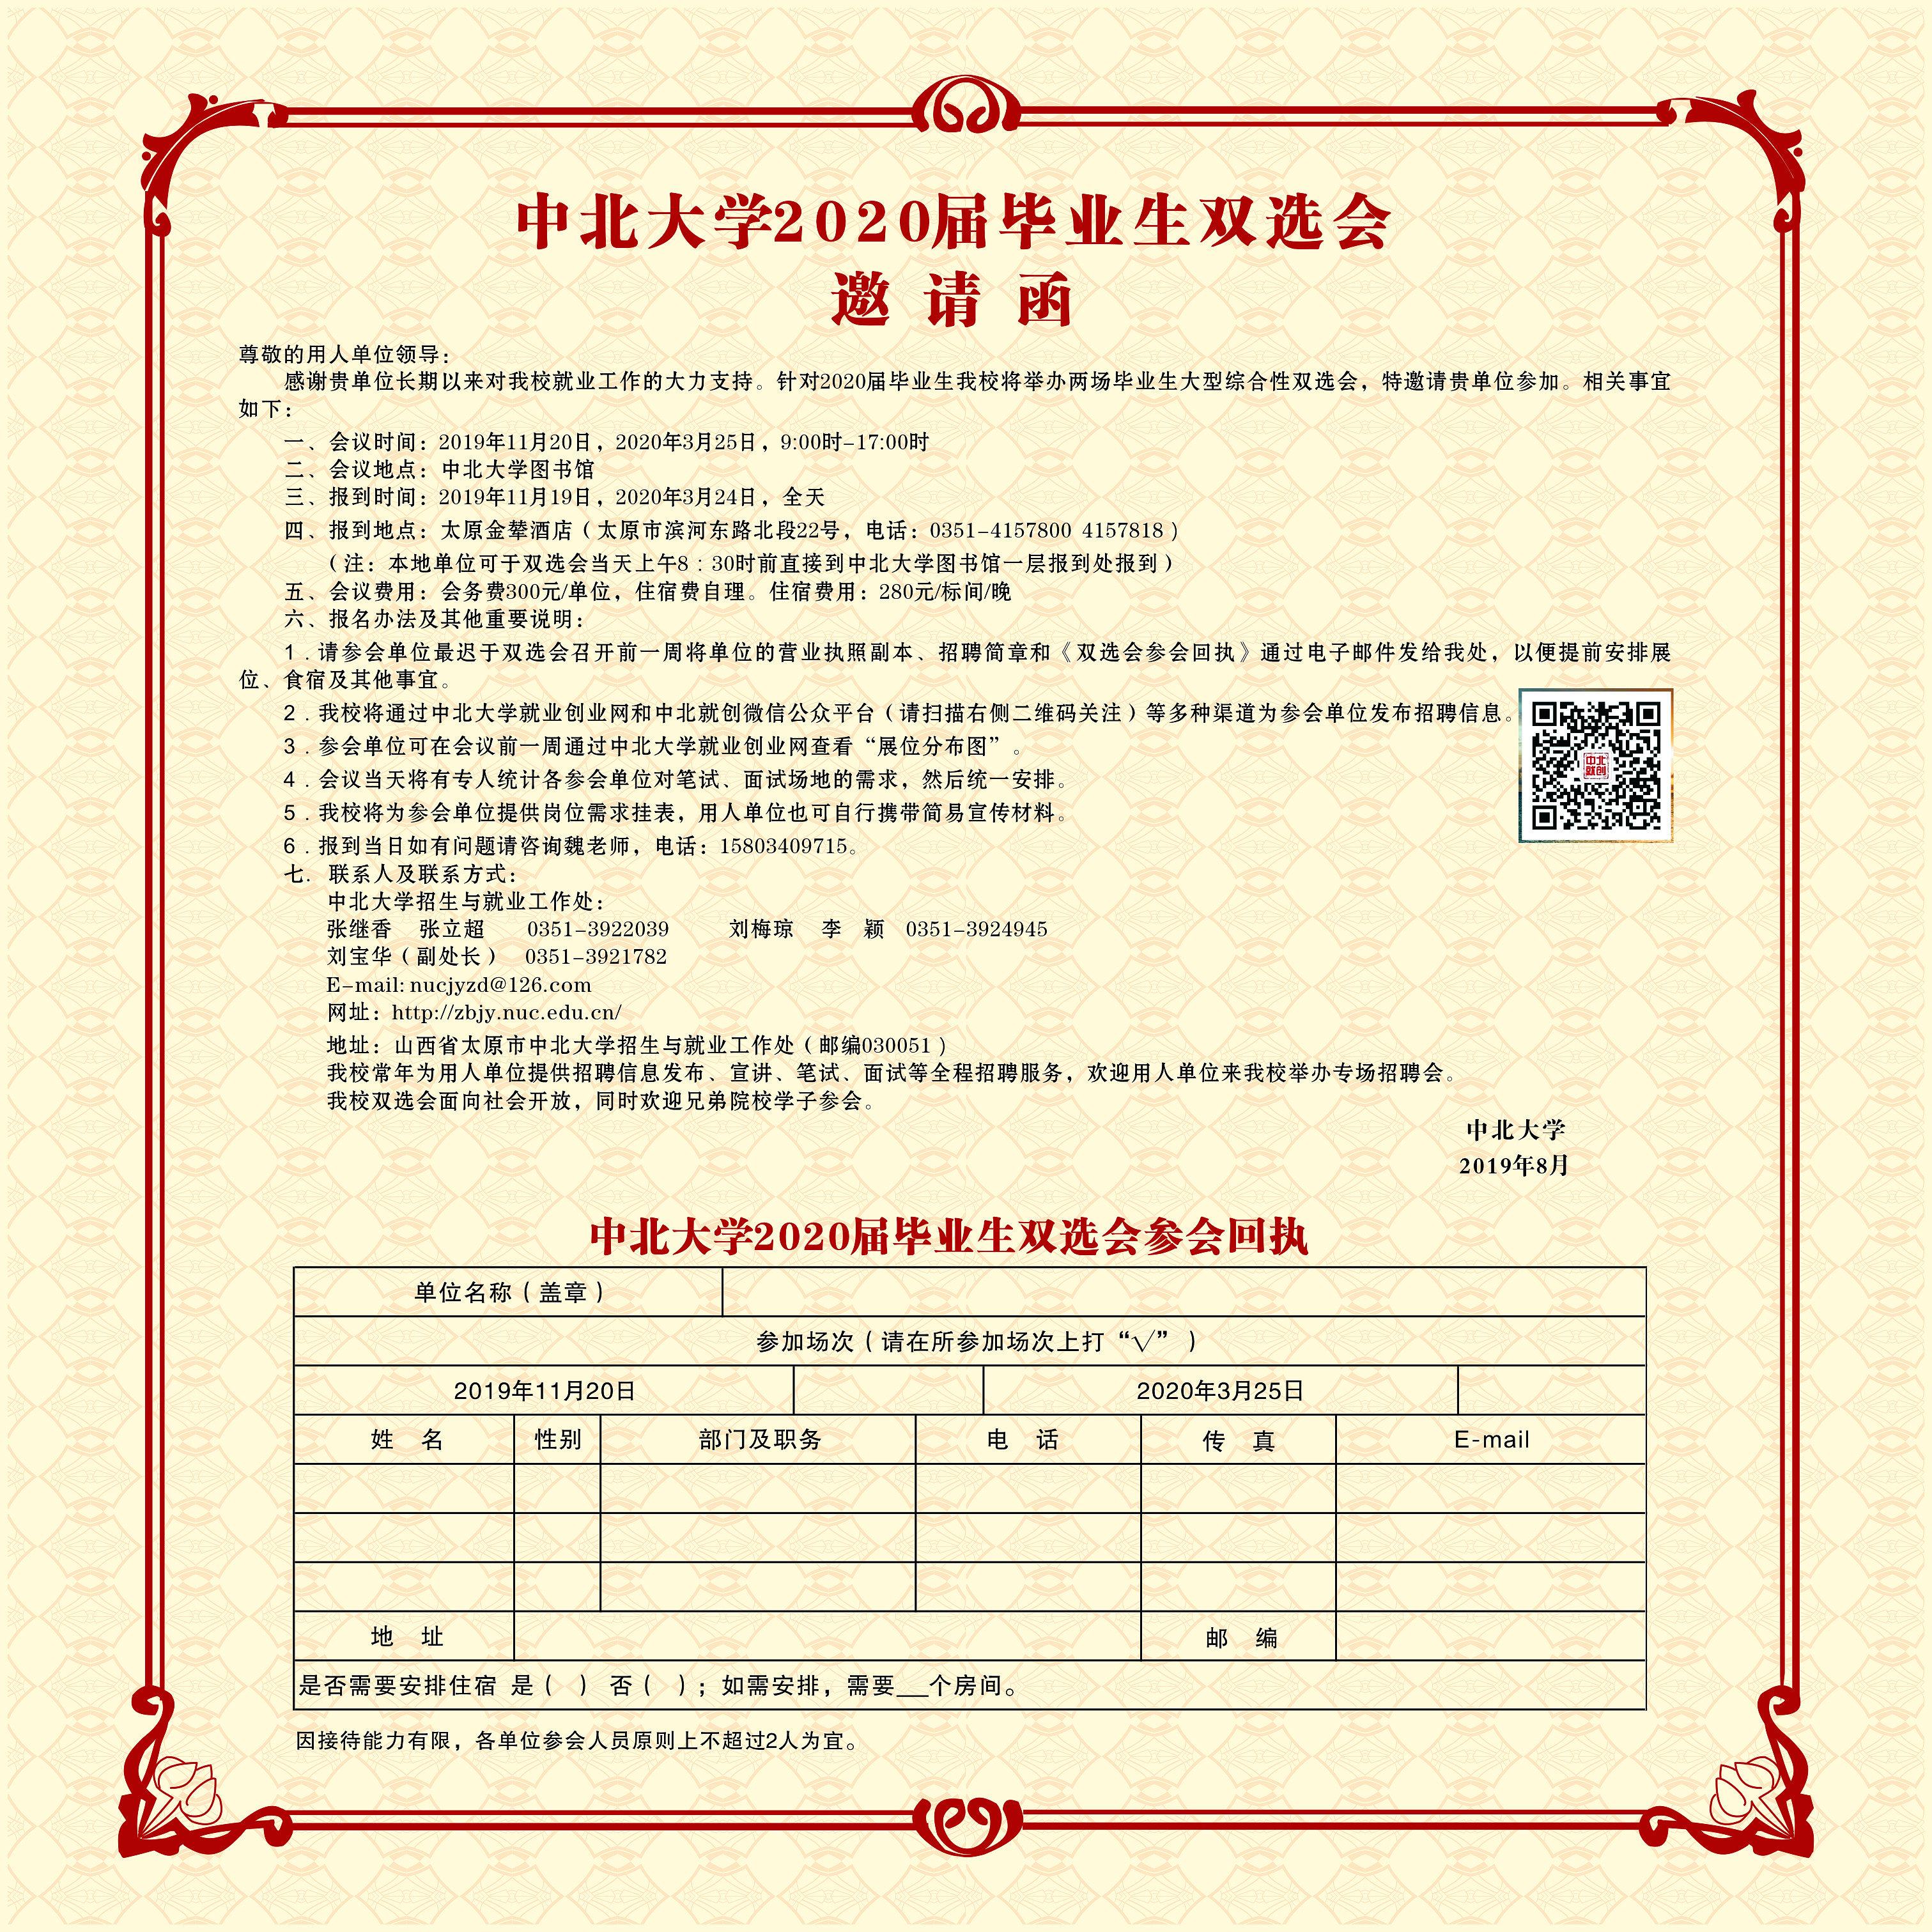 1.2020邀请函2-1.jpg